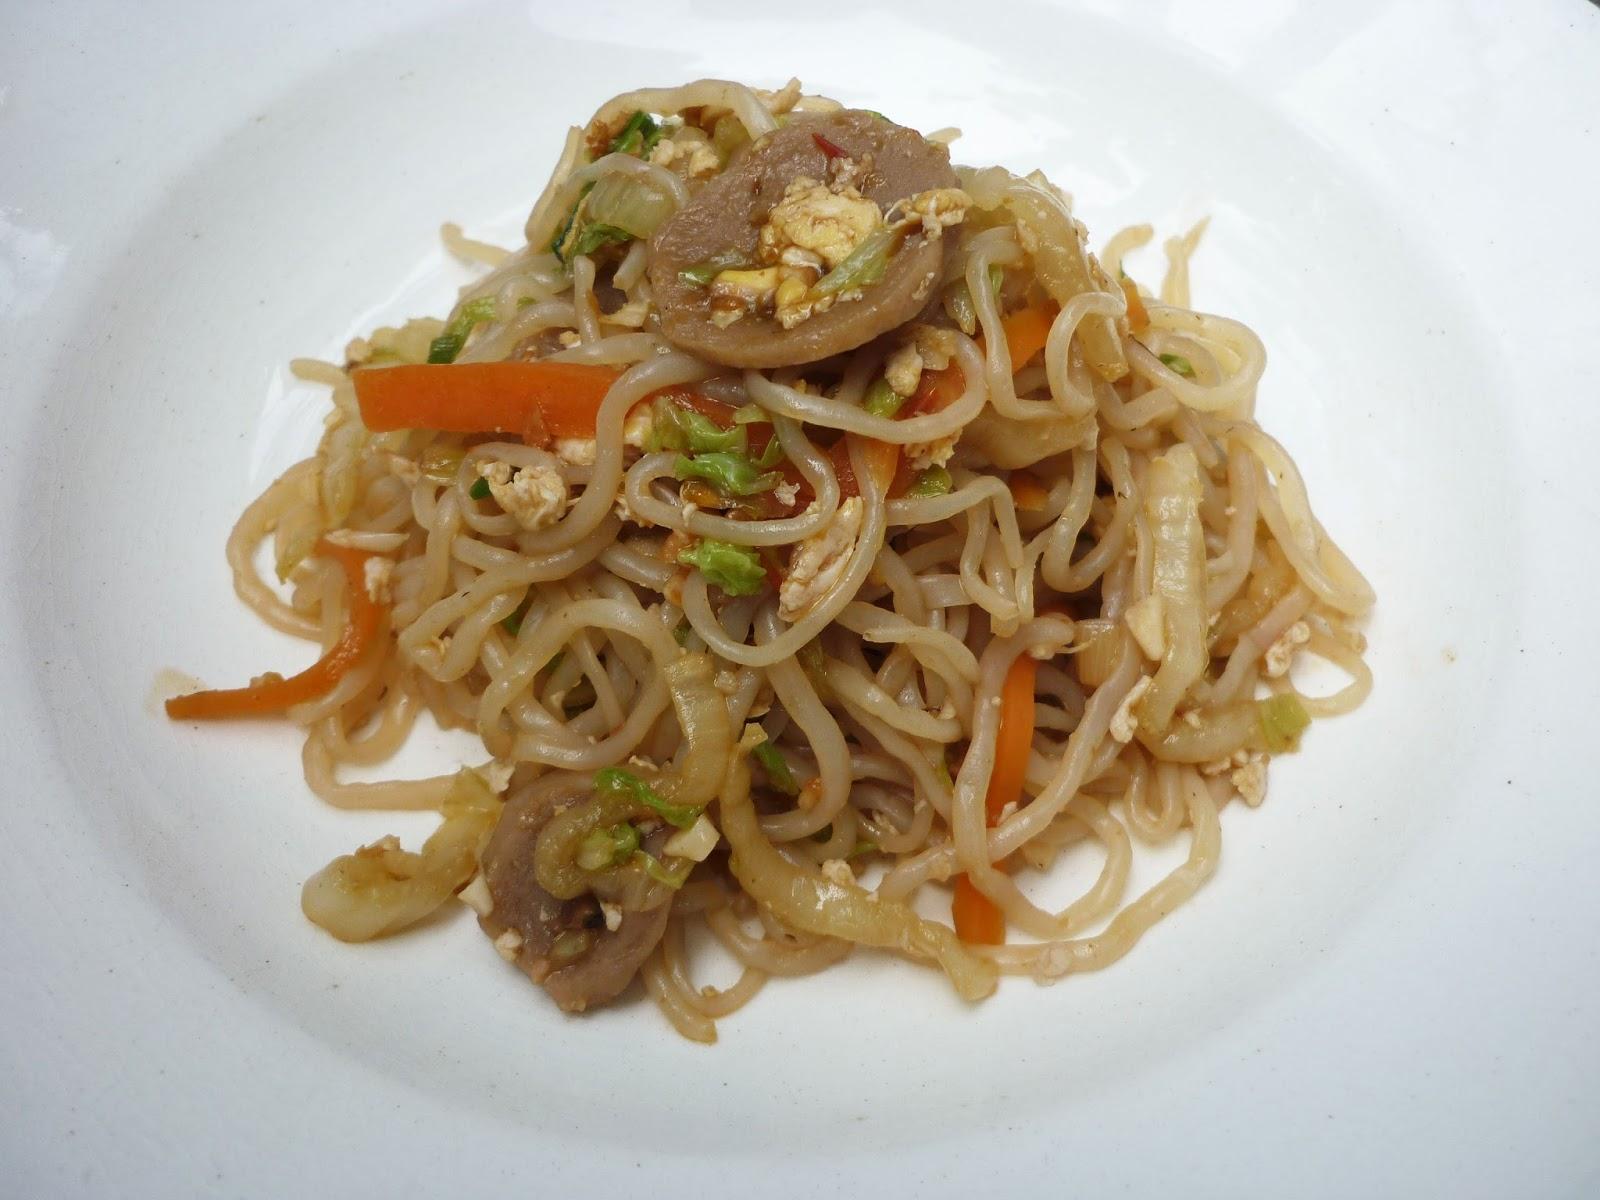 Mys Blog Resep Shirataki Noodles Mie Rendah Kalori Basah